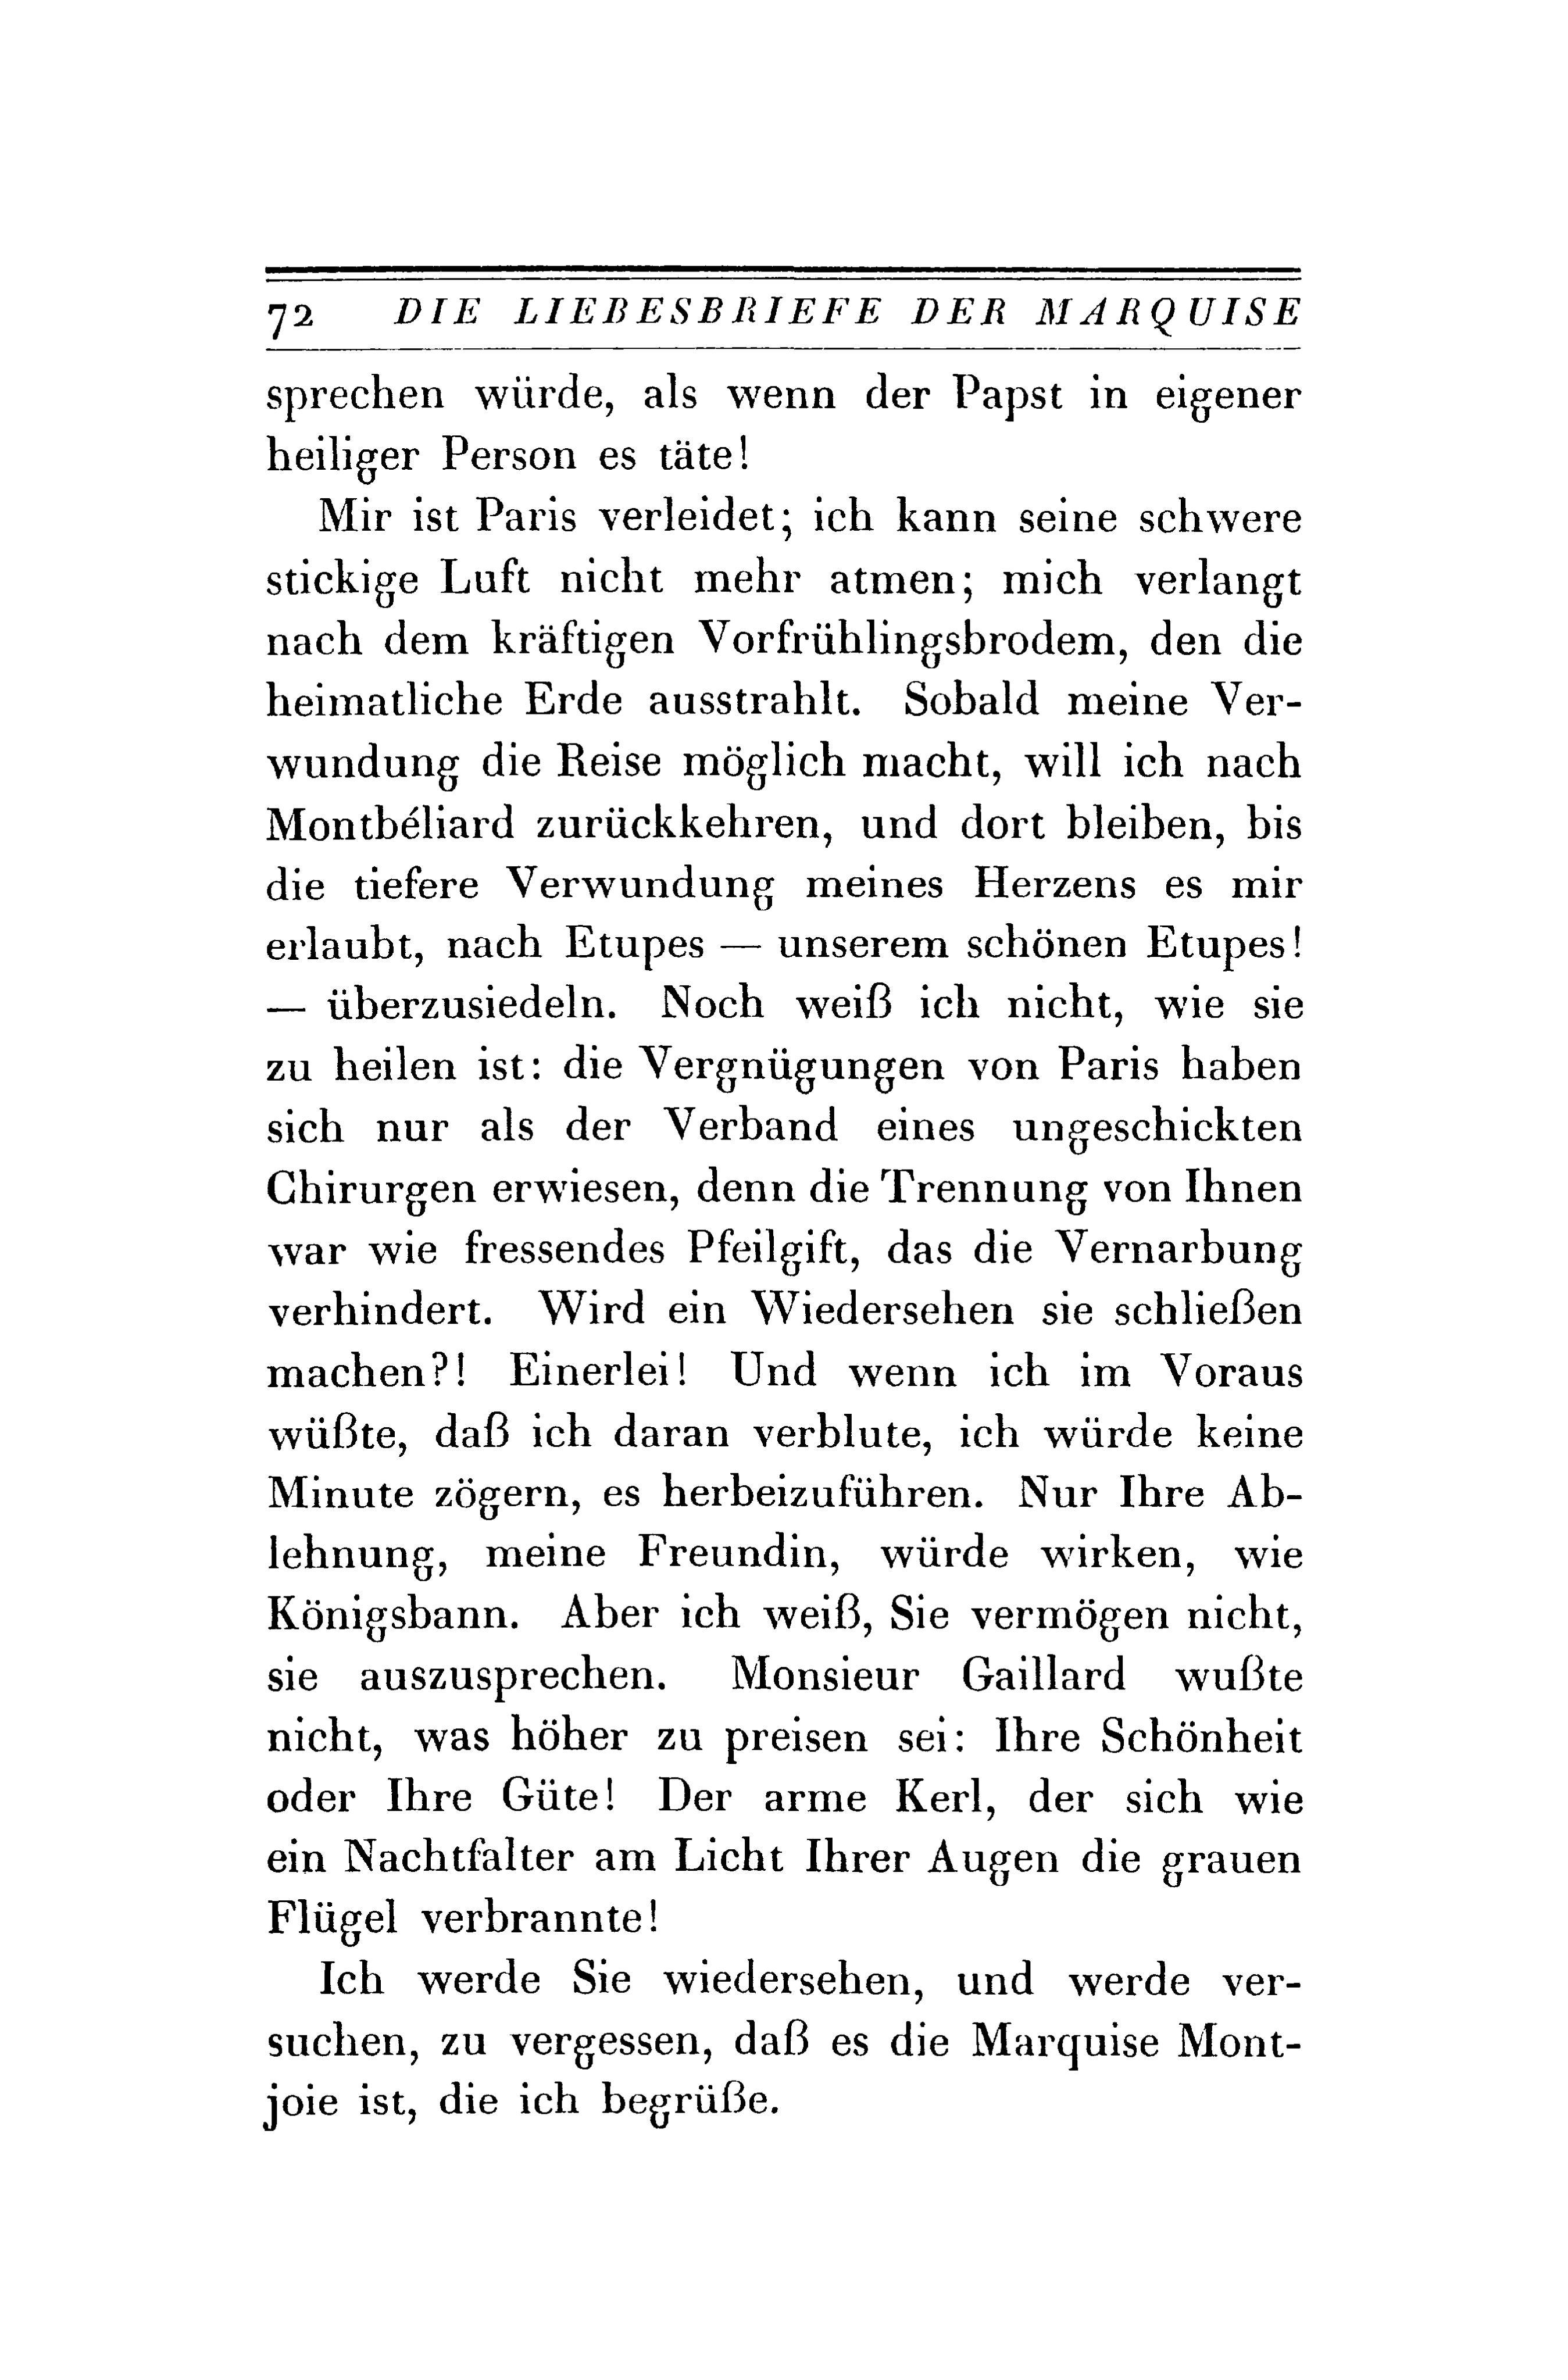 Seite:De Die Liebesbriefe der Marquise (Braun).djvu/078